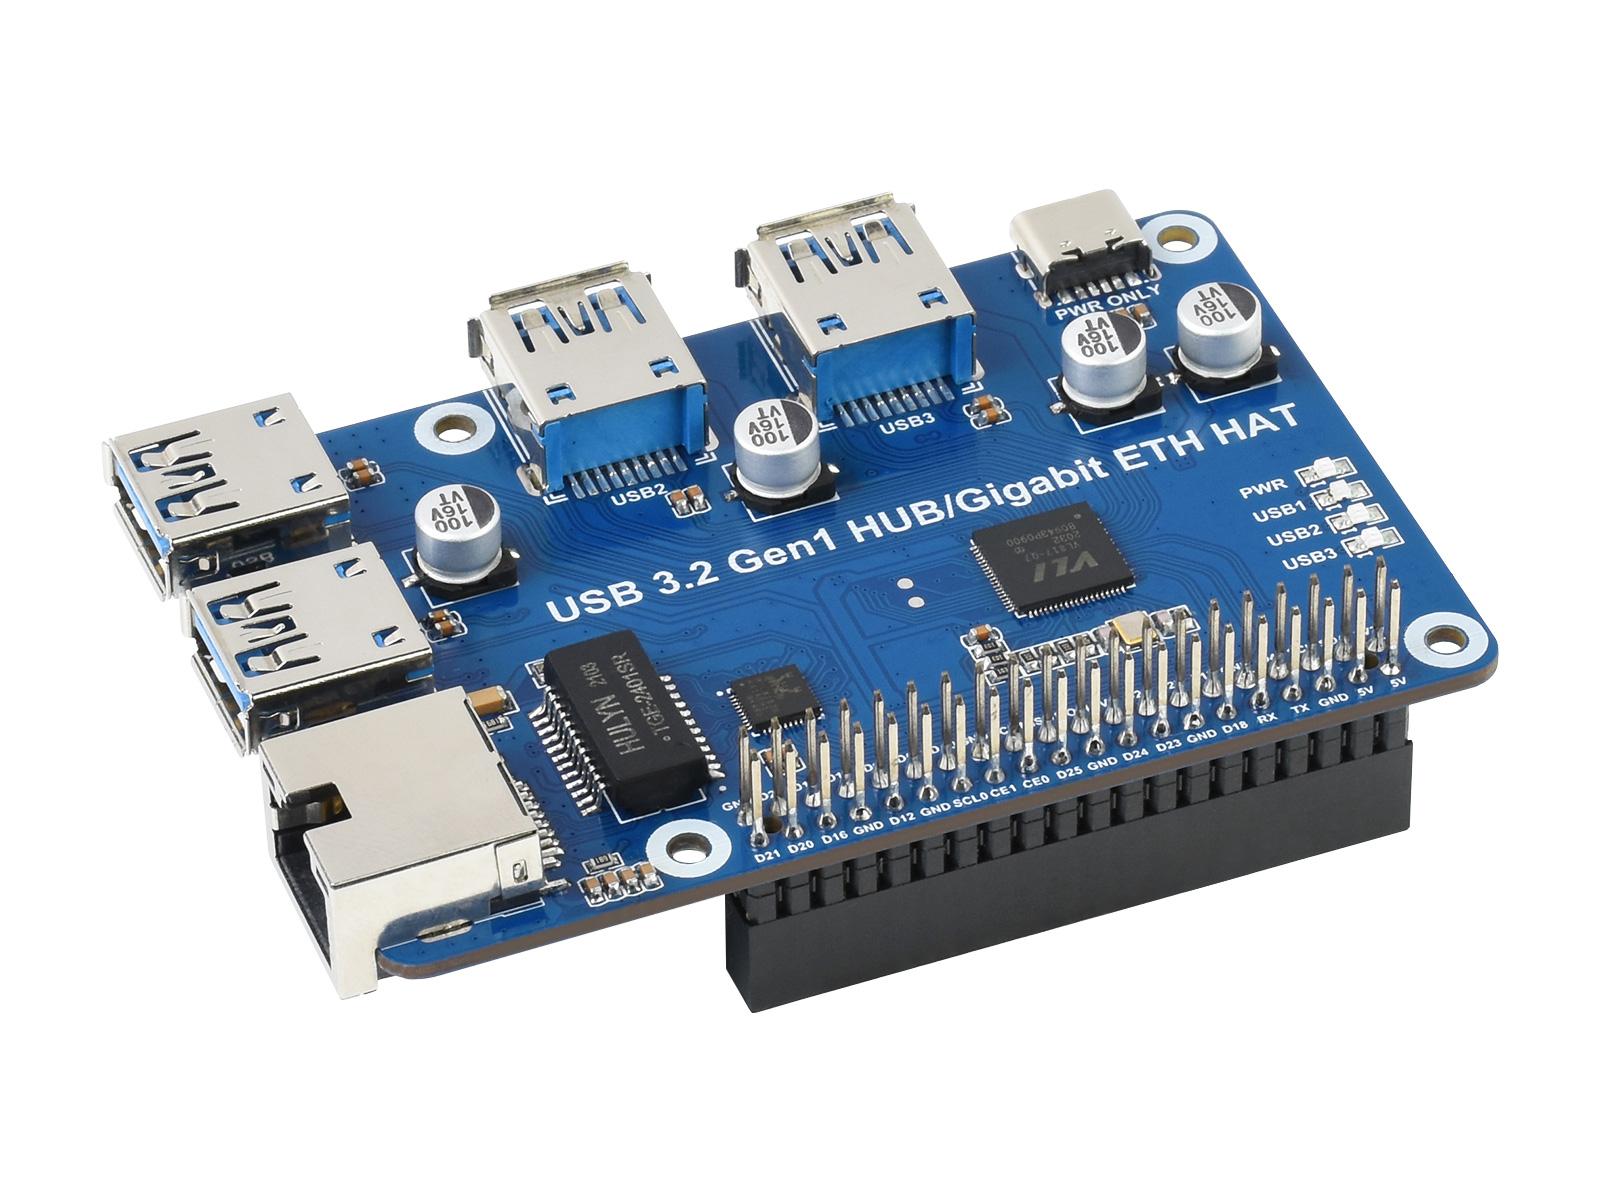 树莓派USB扩展板USB HUB分线器集线器 免驱动4端口USB3.2 Gen1